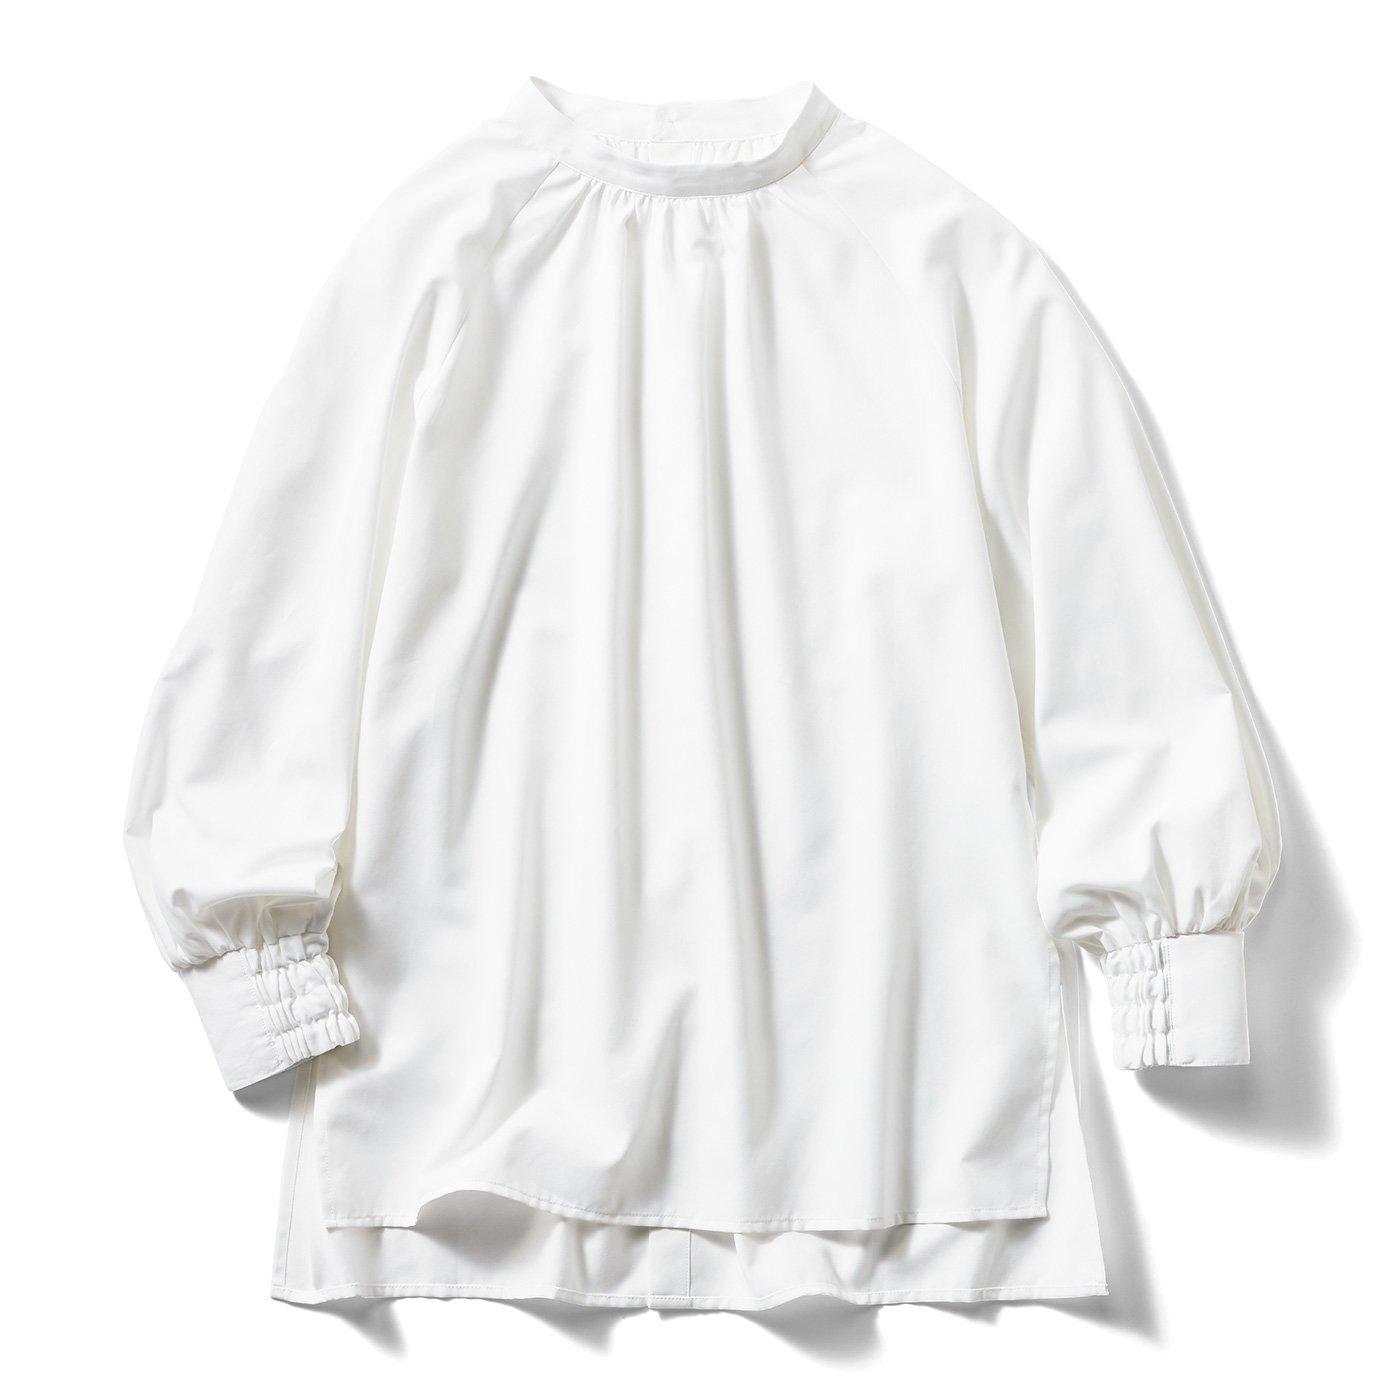 IEDIT[イディット] UVカット&防汚加工 クレバー素材のしなやかドレスシャツ〈ギャザー〉